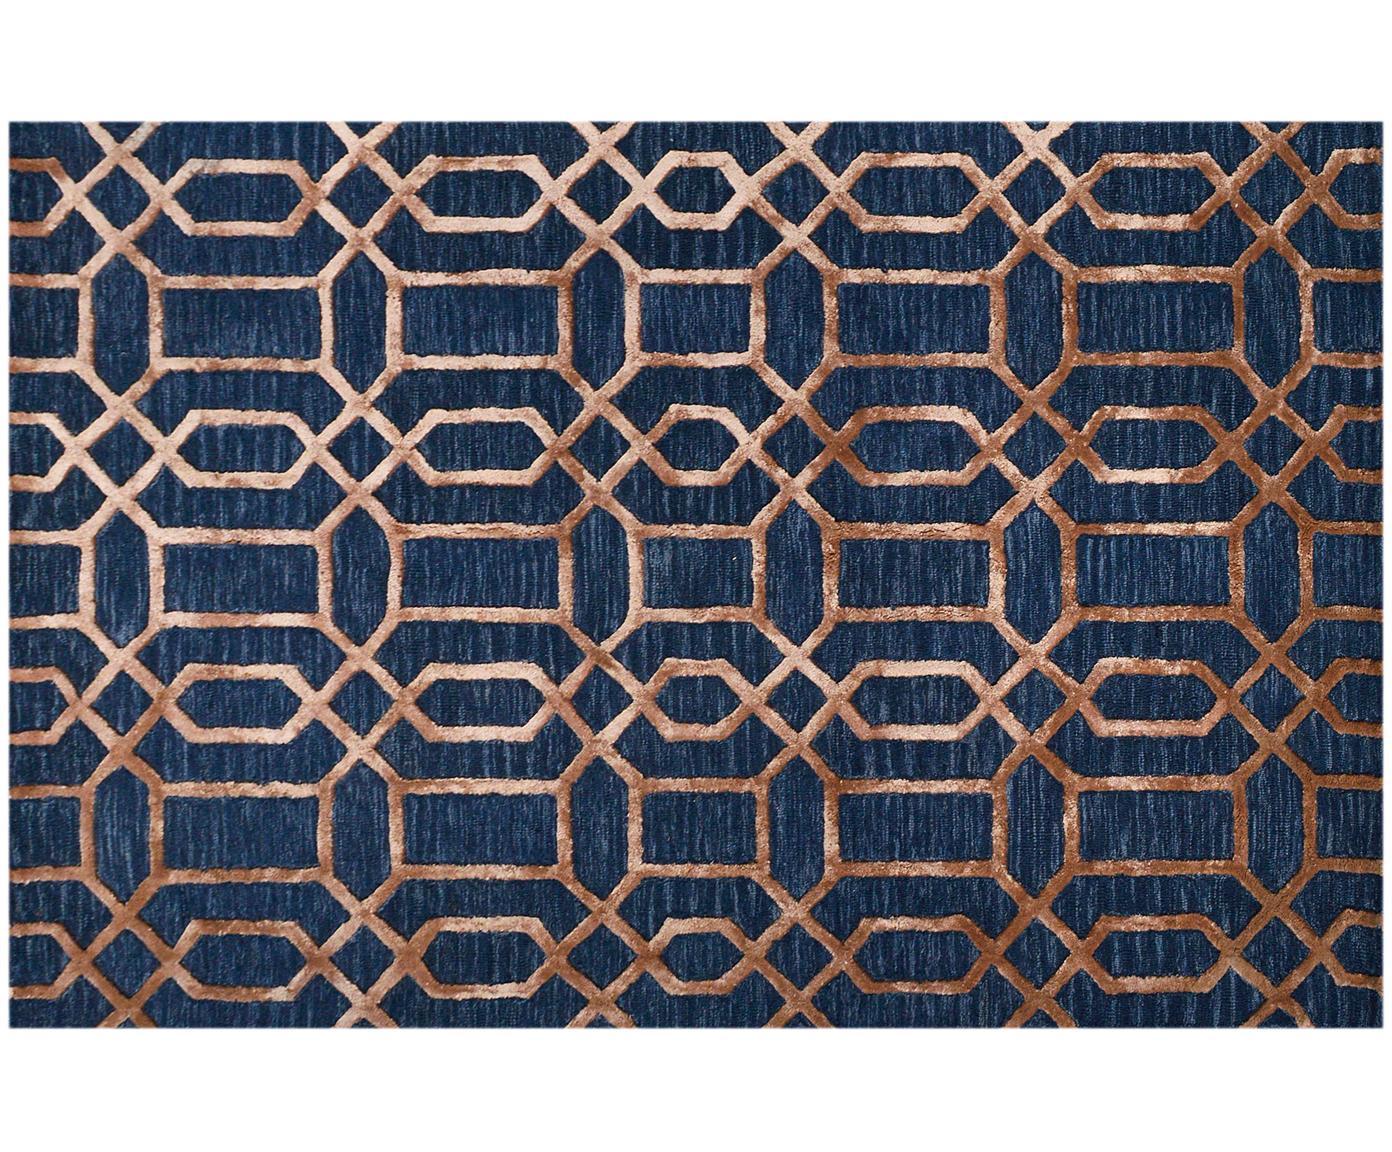 Handgetuft wollen vloerkleed Vegas met hoog-diep effect, Bovenzijde: 80% wol, 20% viscose, Onderzijde: katoen, Donkerblauw, bruin, B 120 x L 185 cm (maat S)